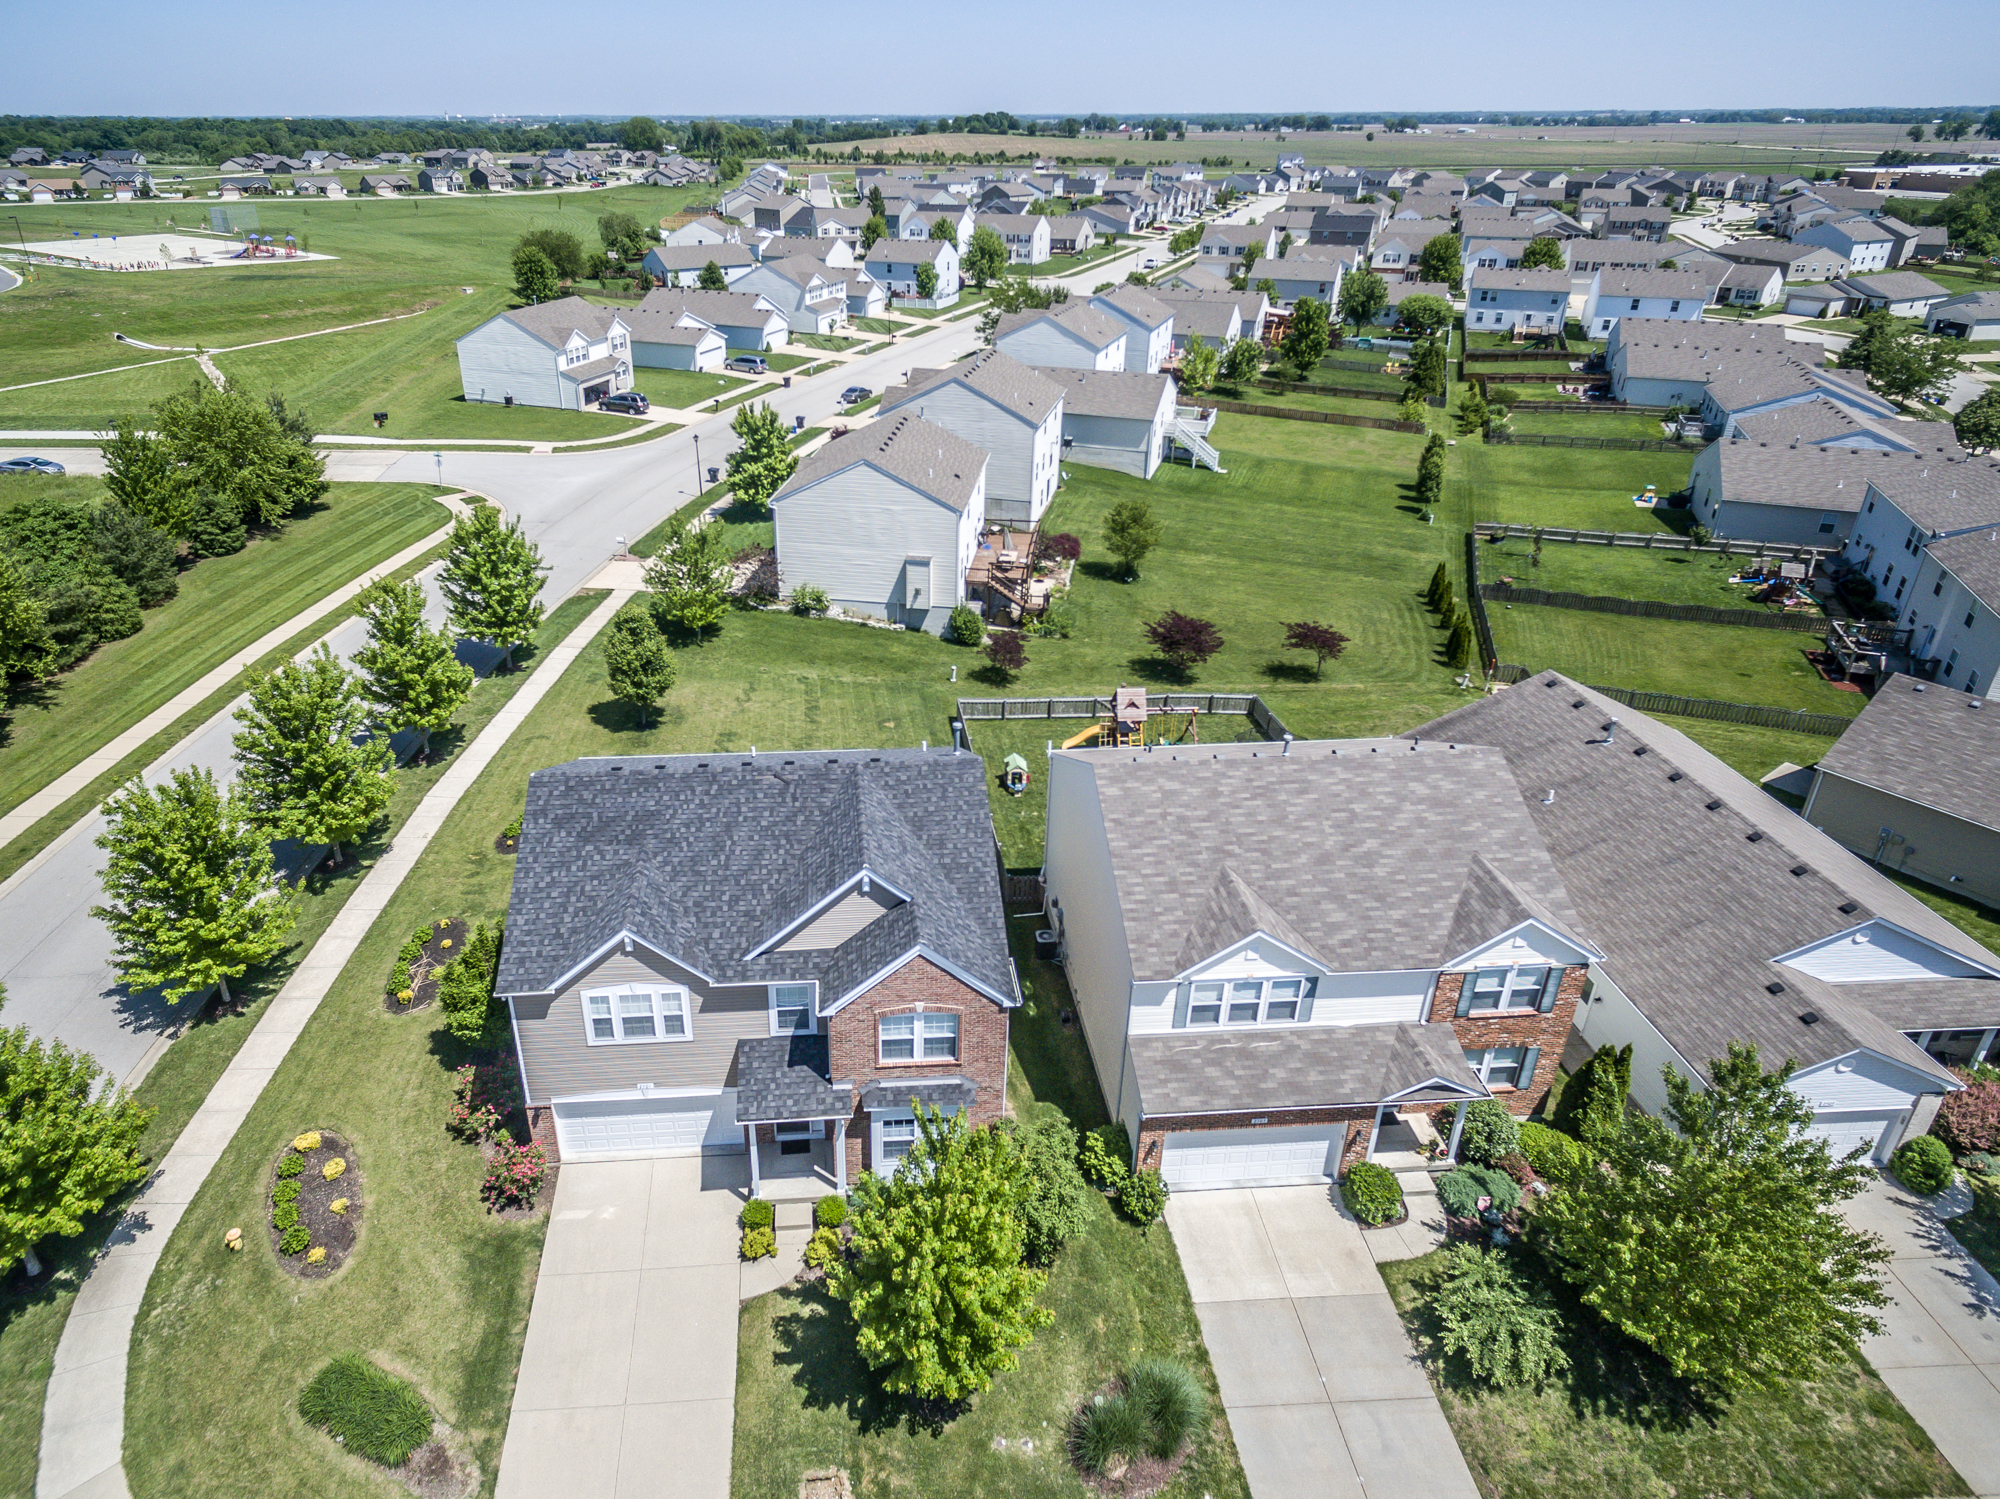 Green_Mount_Manor_Belleville_Illinois_2.jpg